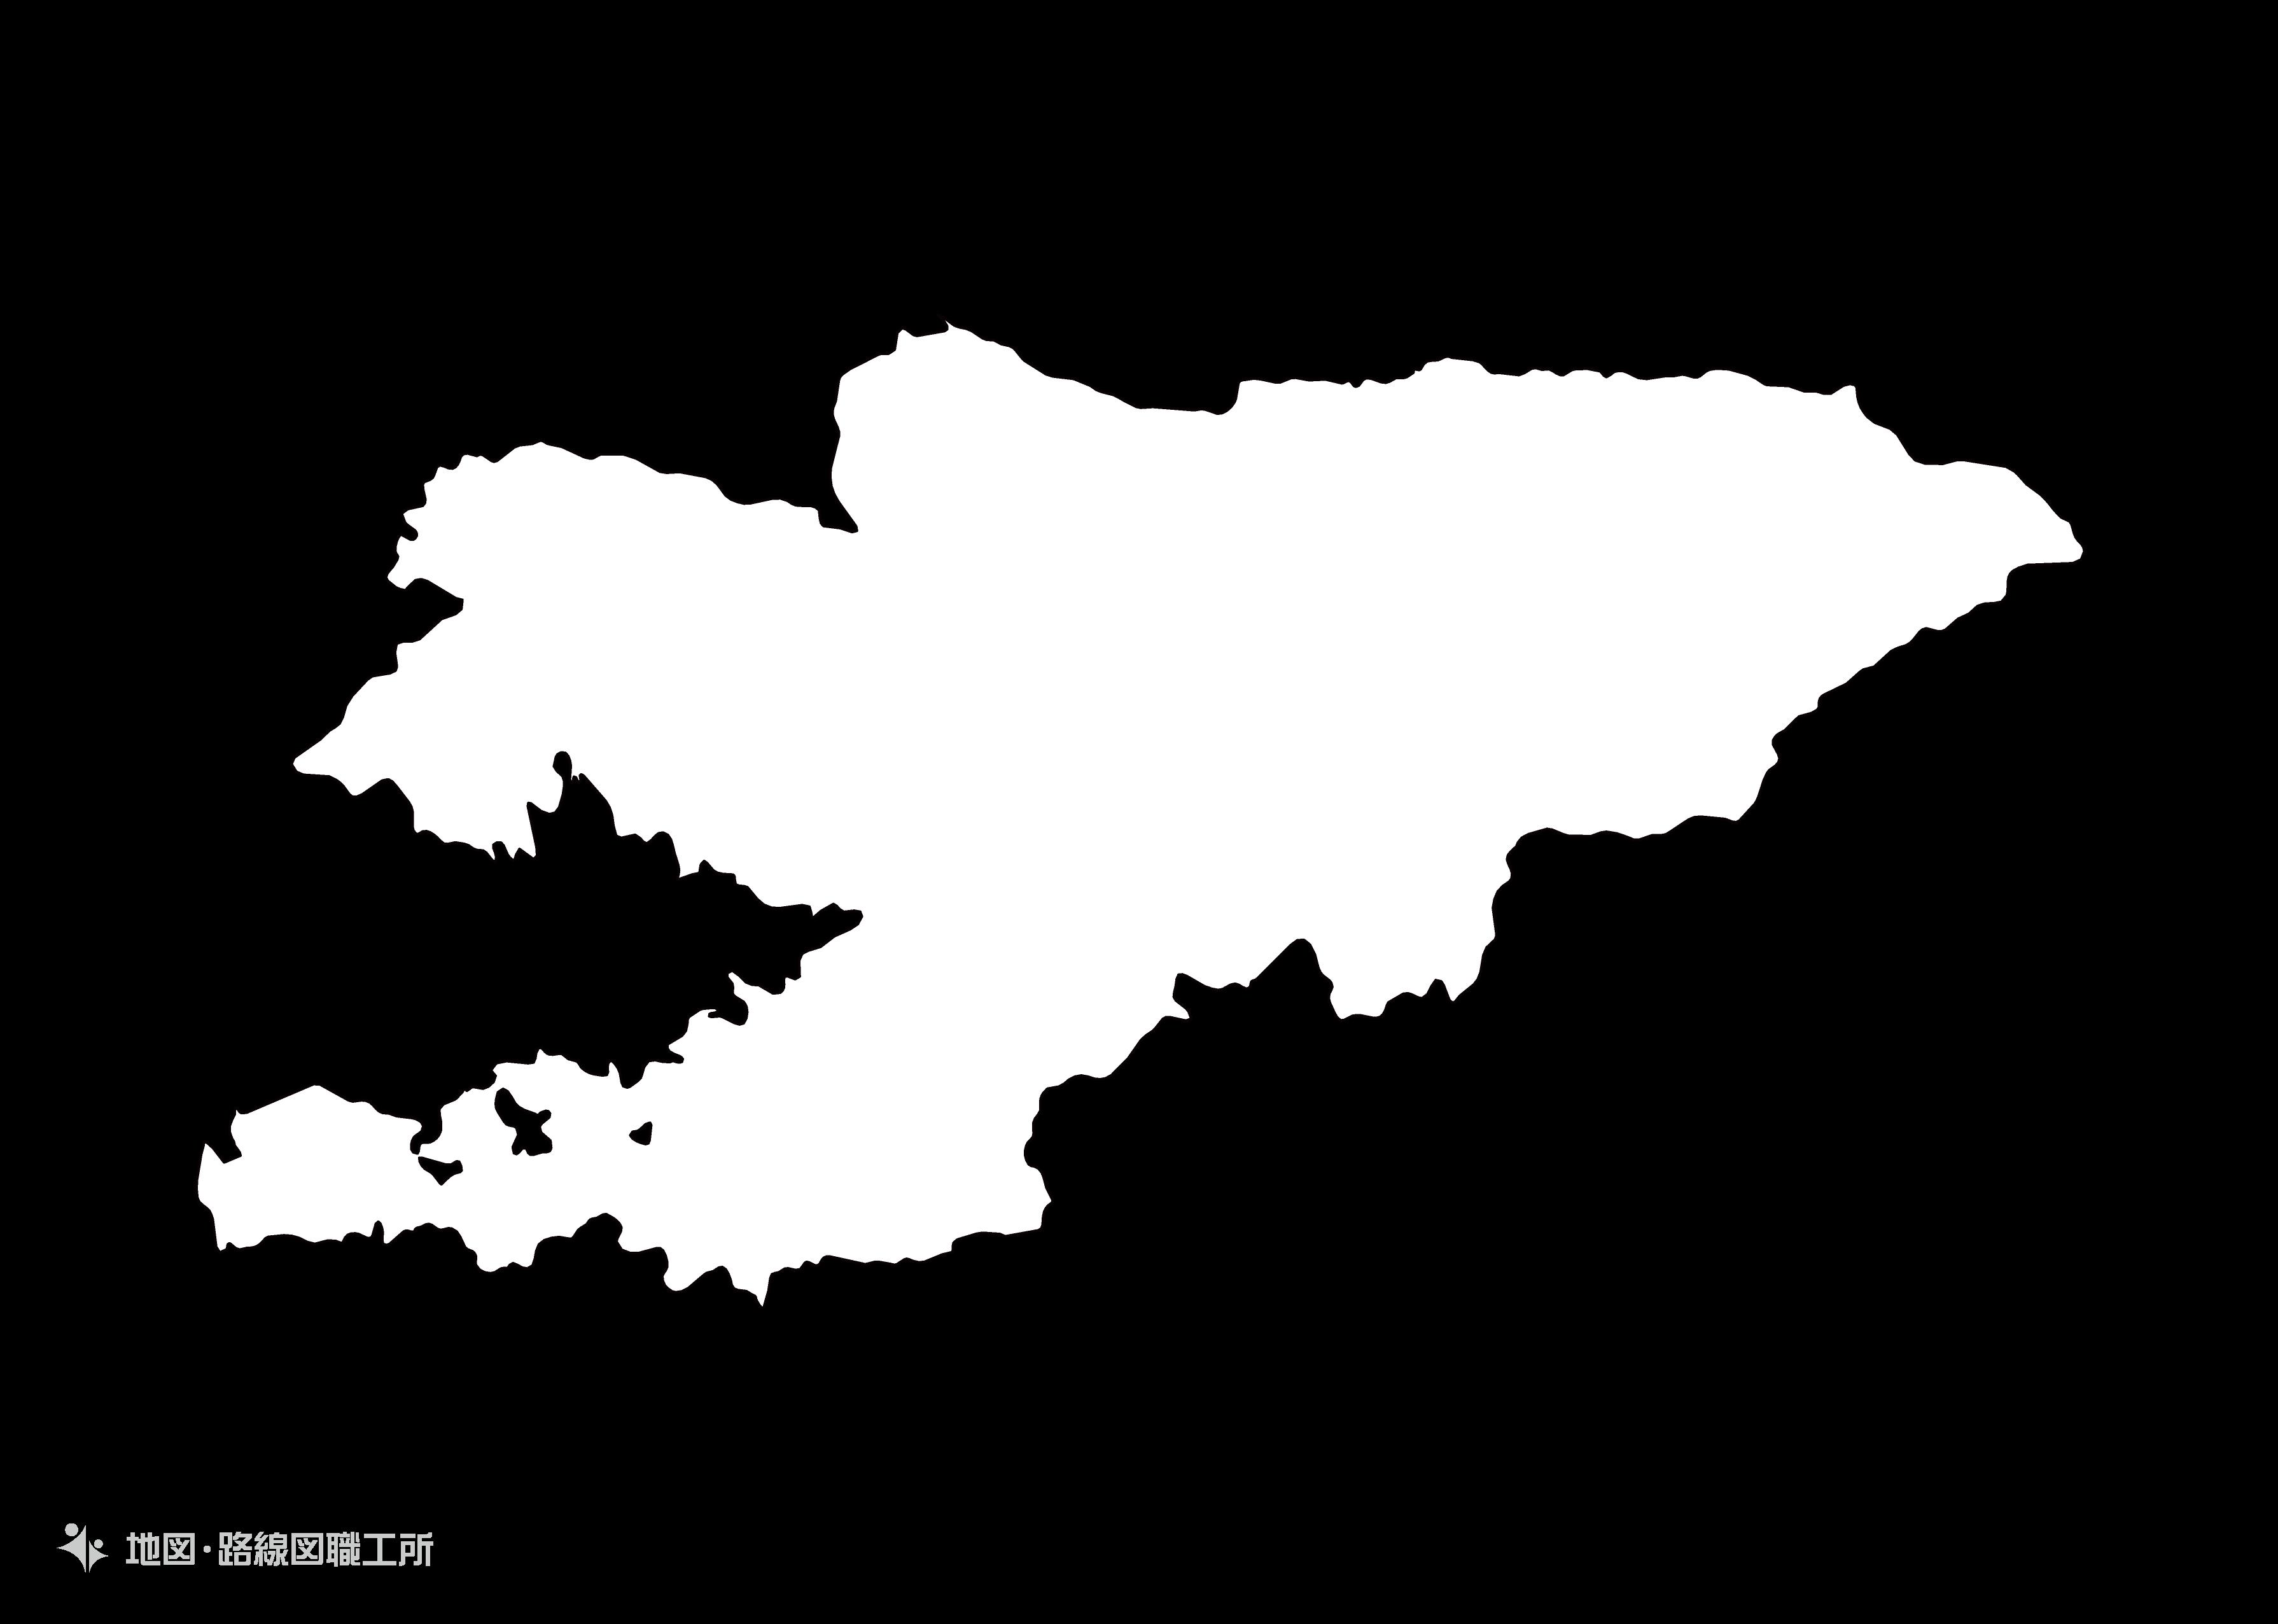 世界の白地図 キルギス共和国 kyrgyz-republic map